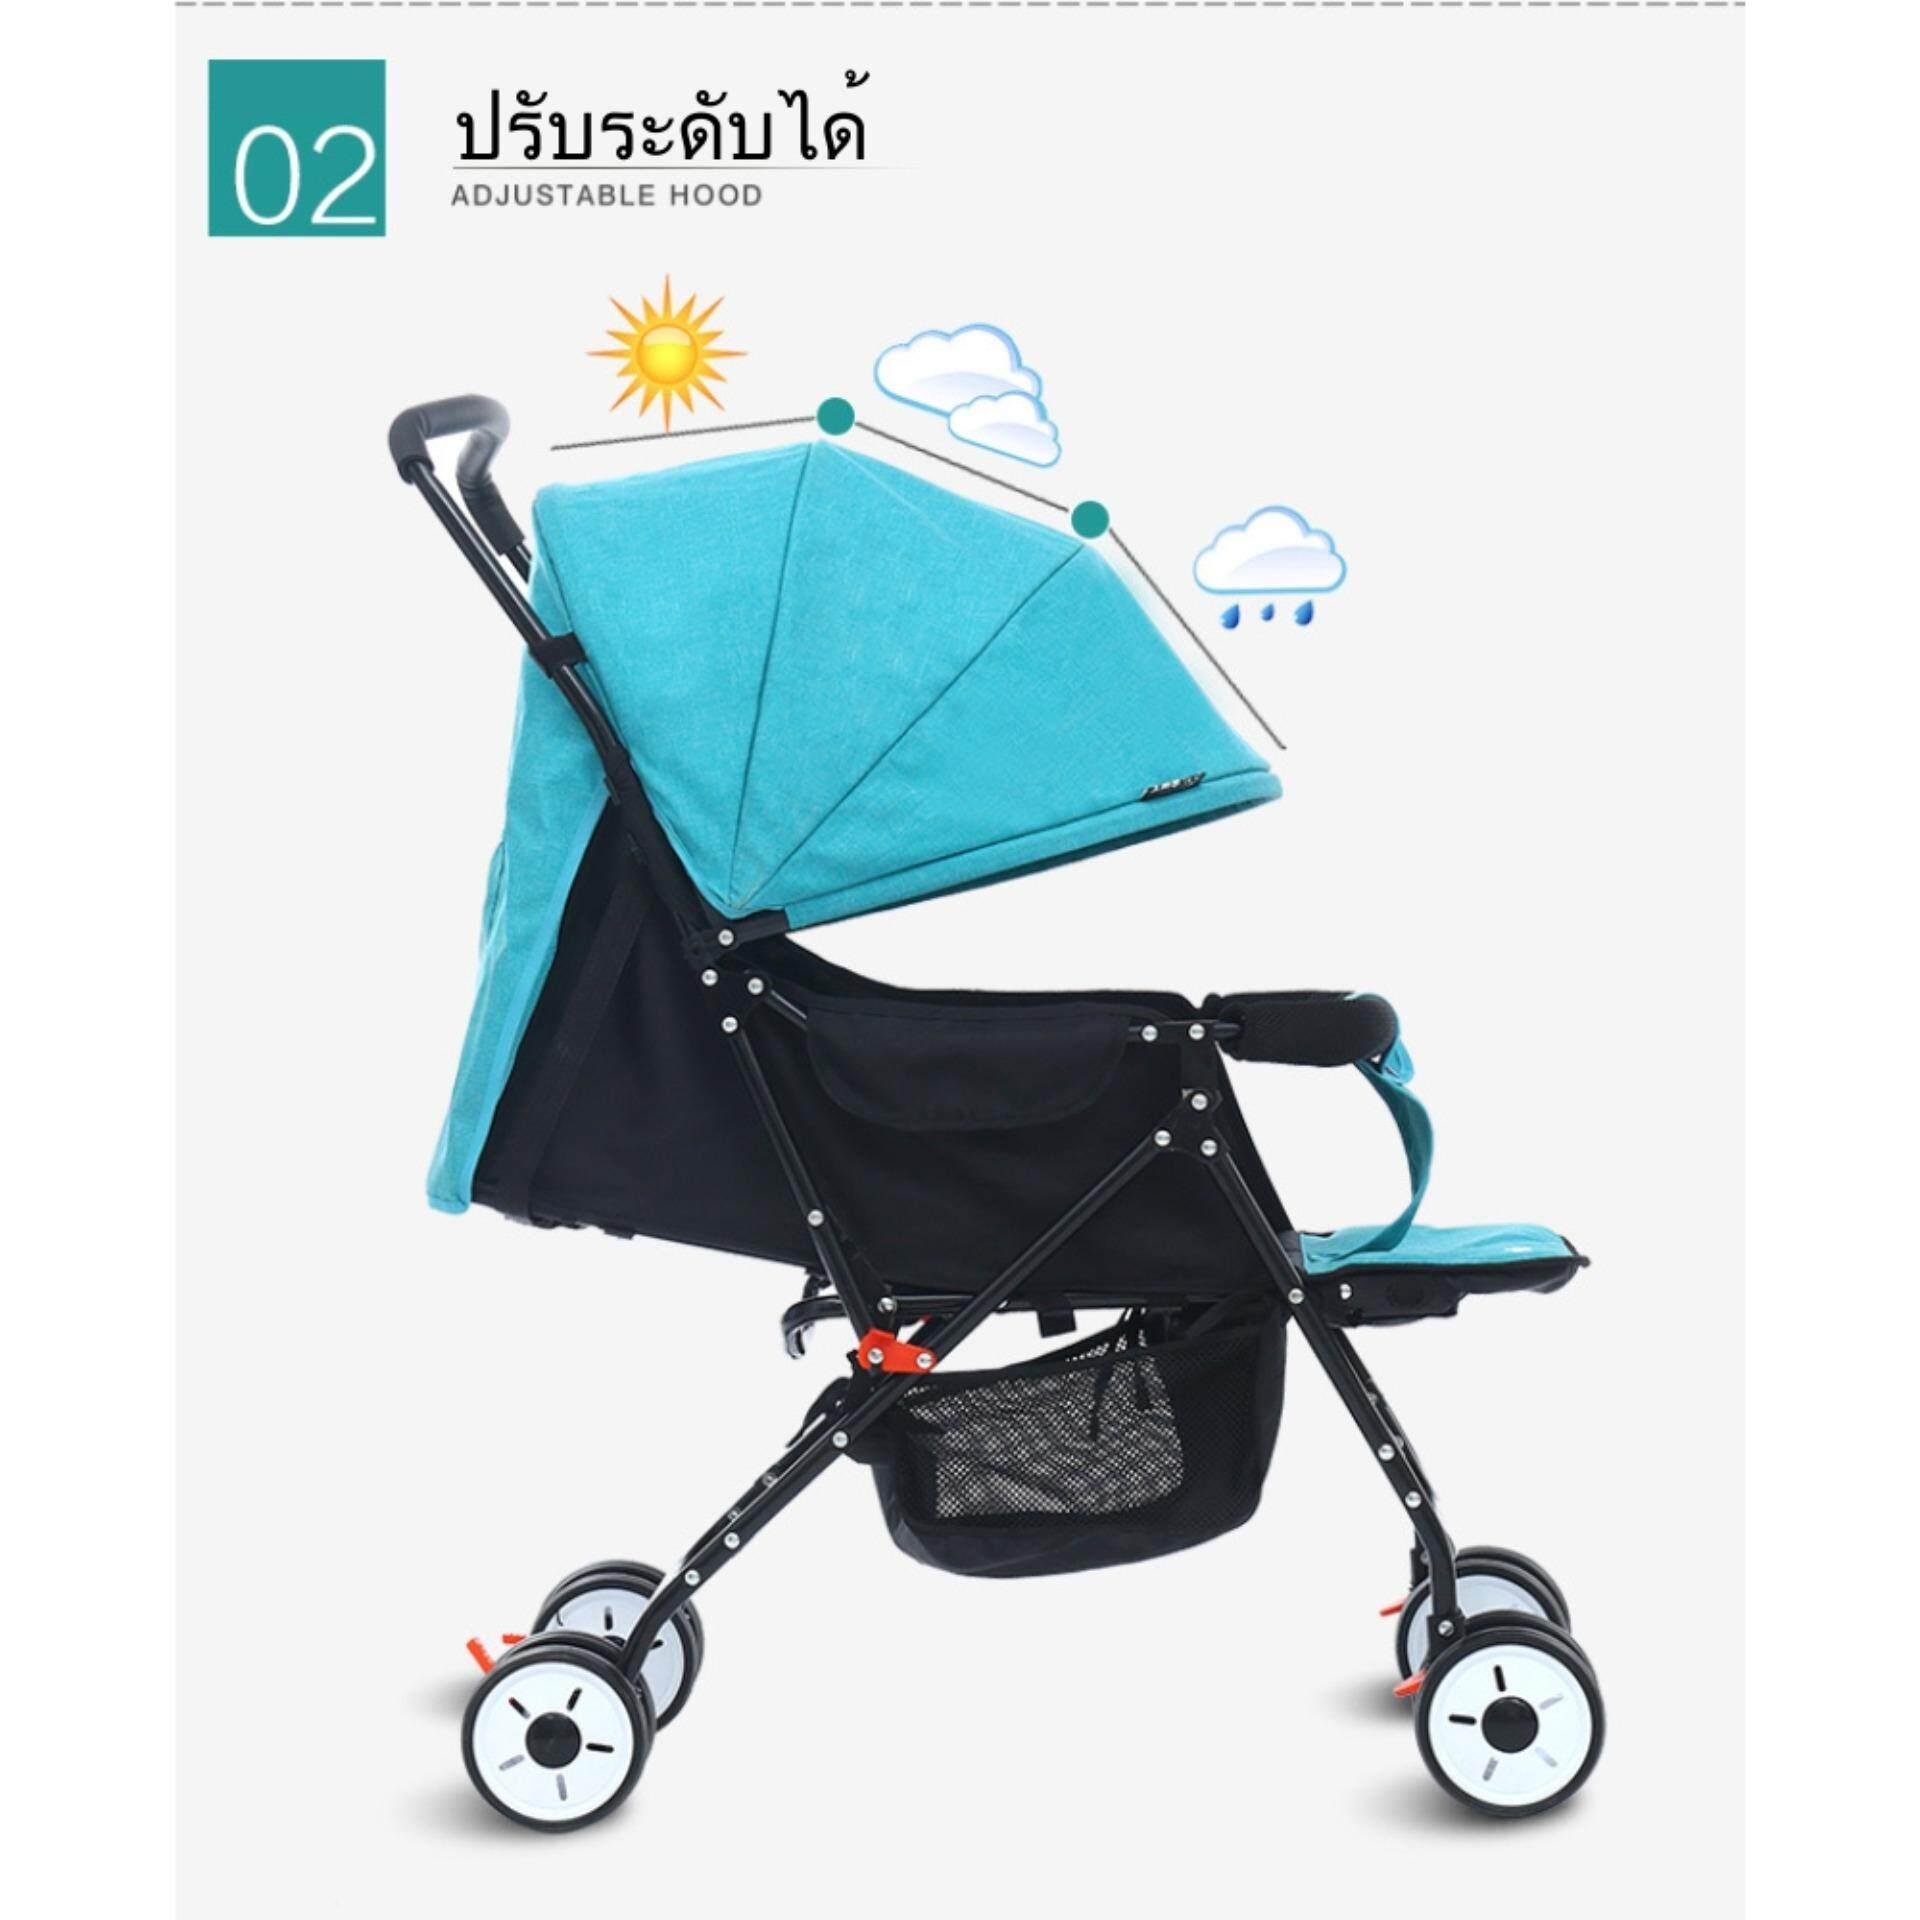 คูปอง ส่วนลด เมื่อซื้อ Ada รถเข็นเด็กแบบนอน รถเข็นเด็ก ยี่ห้อ Ada Baby ของแท้ Original - สีม่วง ถูกกว่านี้ไม่มีอีกแล้ว